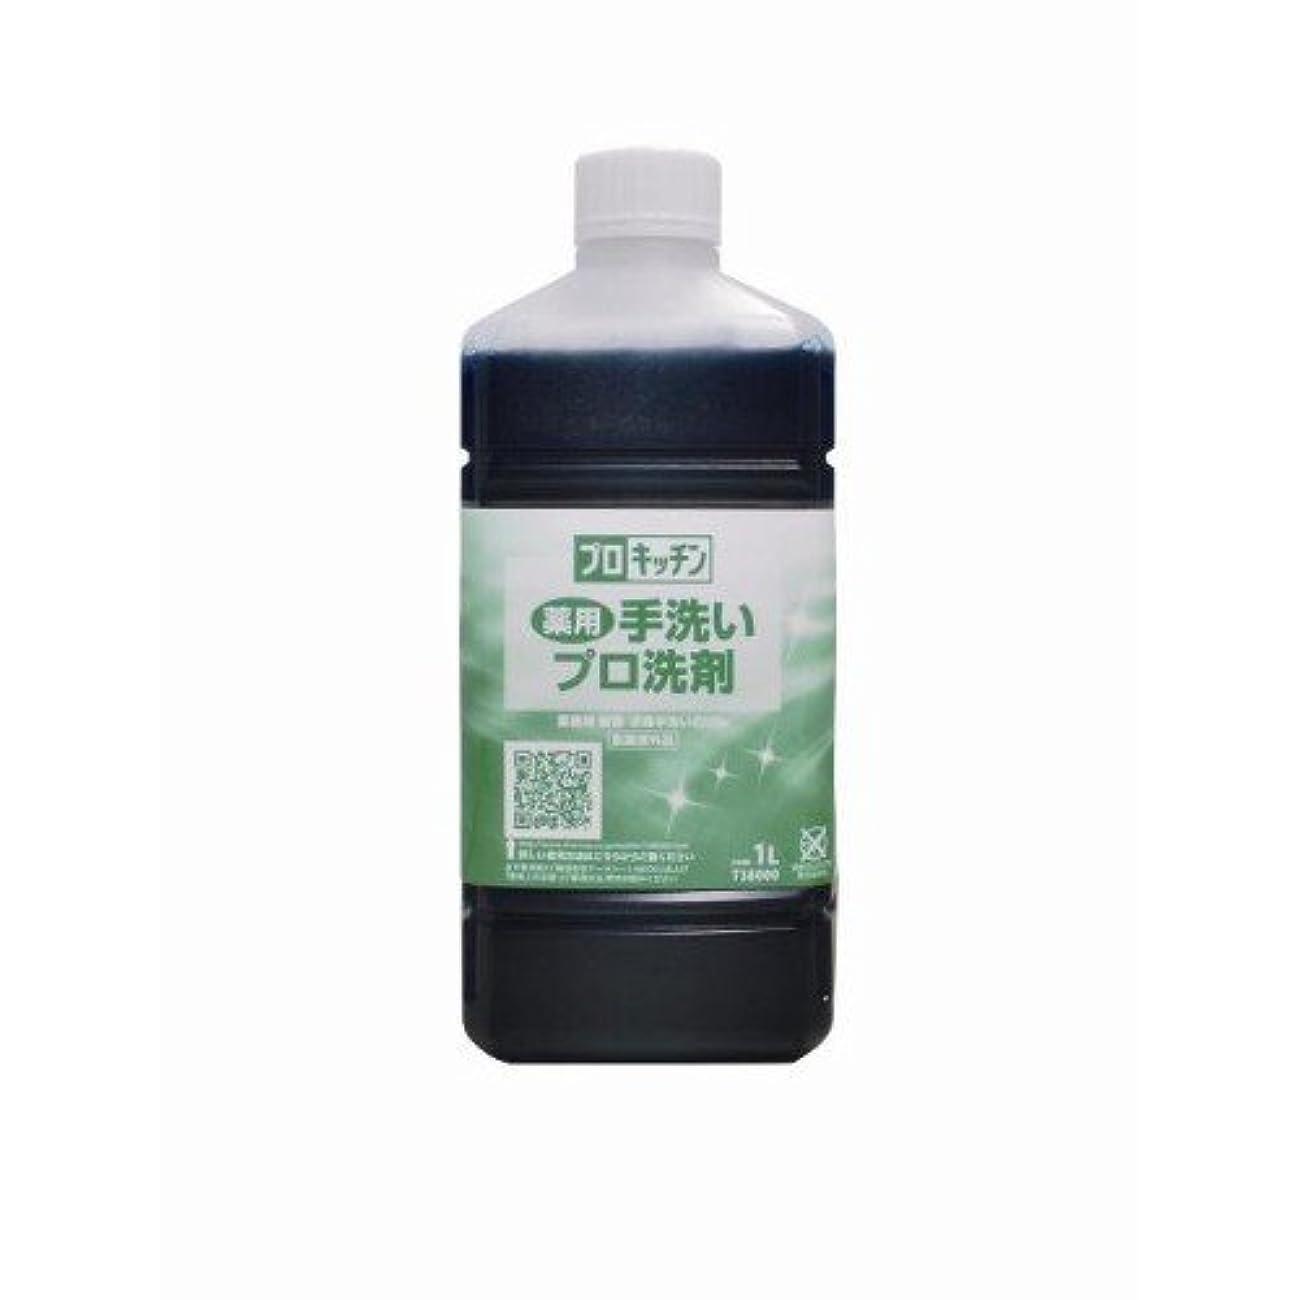 異なる管理します百科事典薬用手洗いプロ洗剤 1L